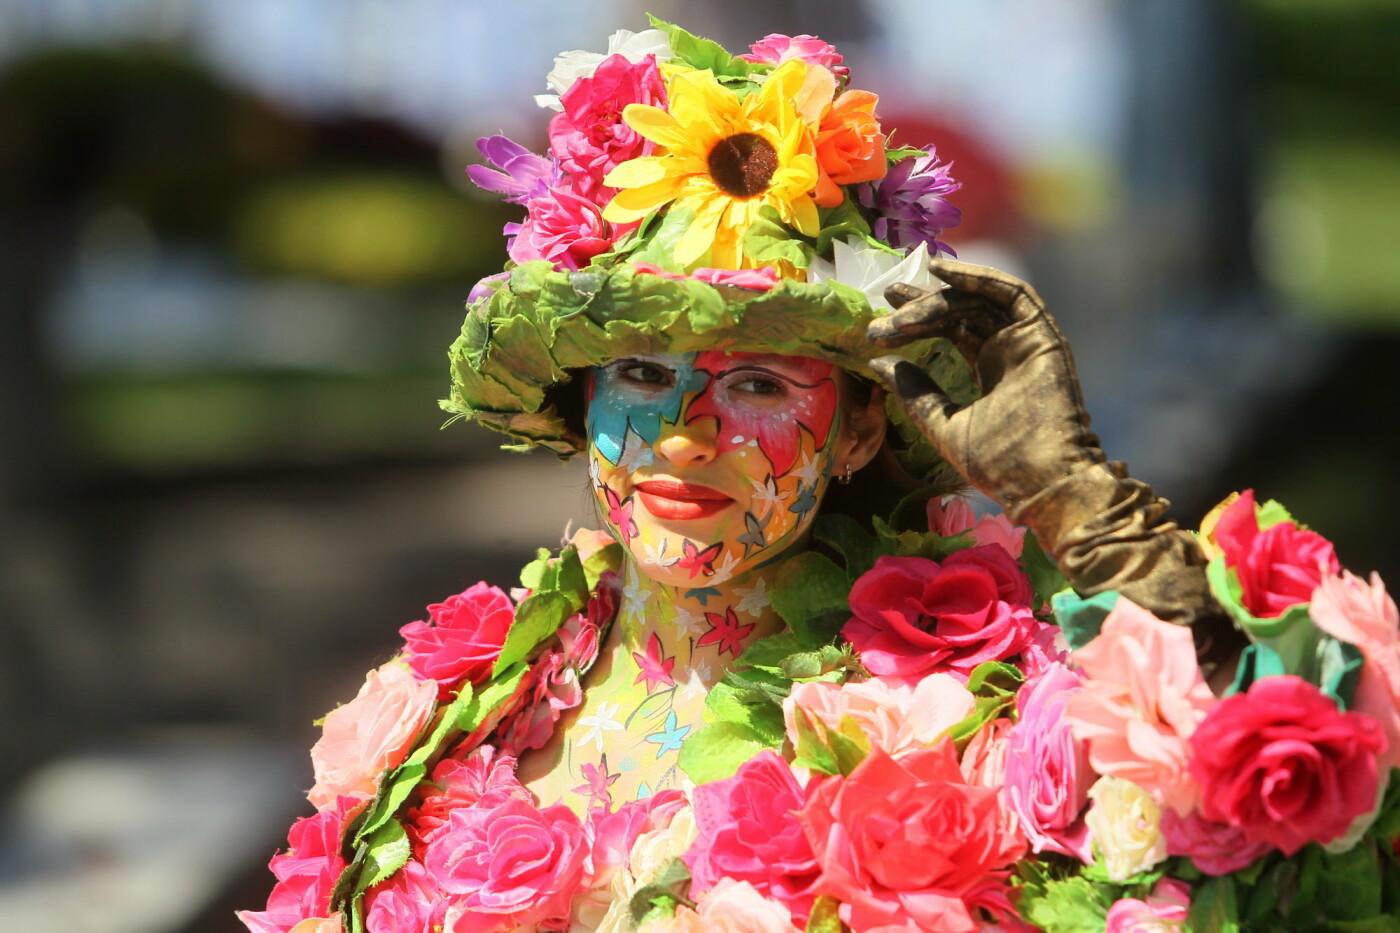 В Киеве на Певческом поле проходит выставка цветов «Мульт-ленд» - ФОТО, фото-1